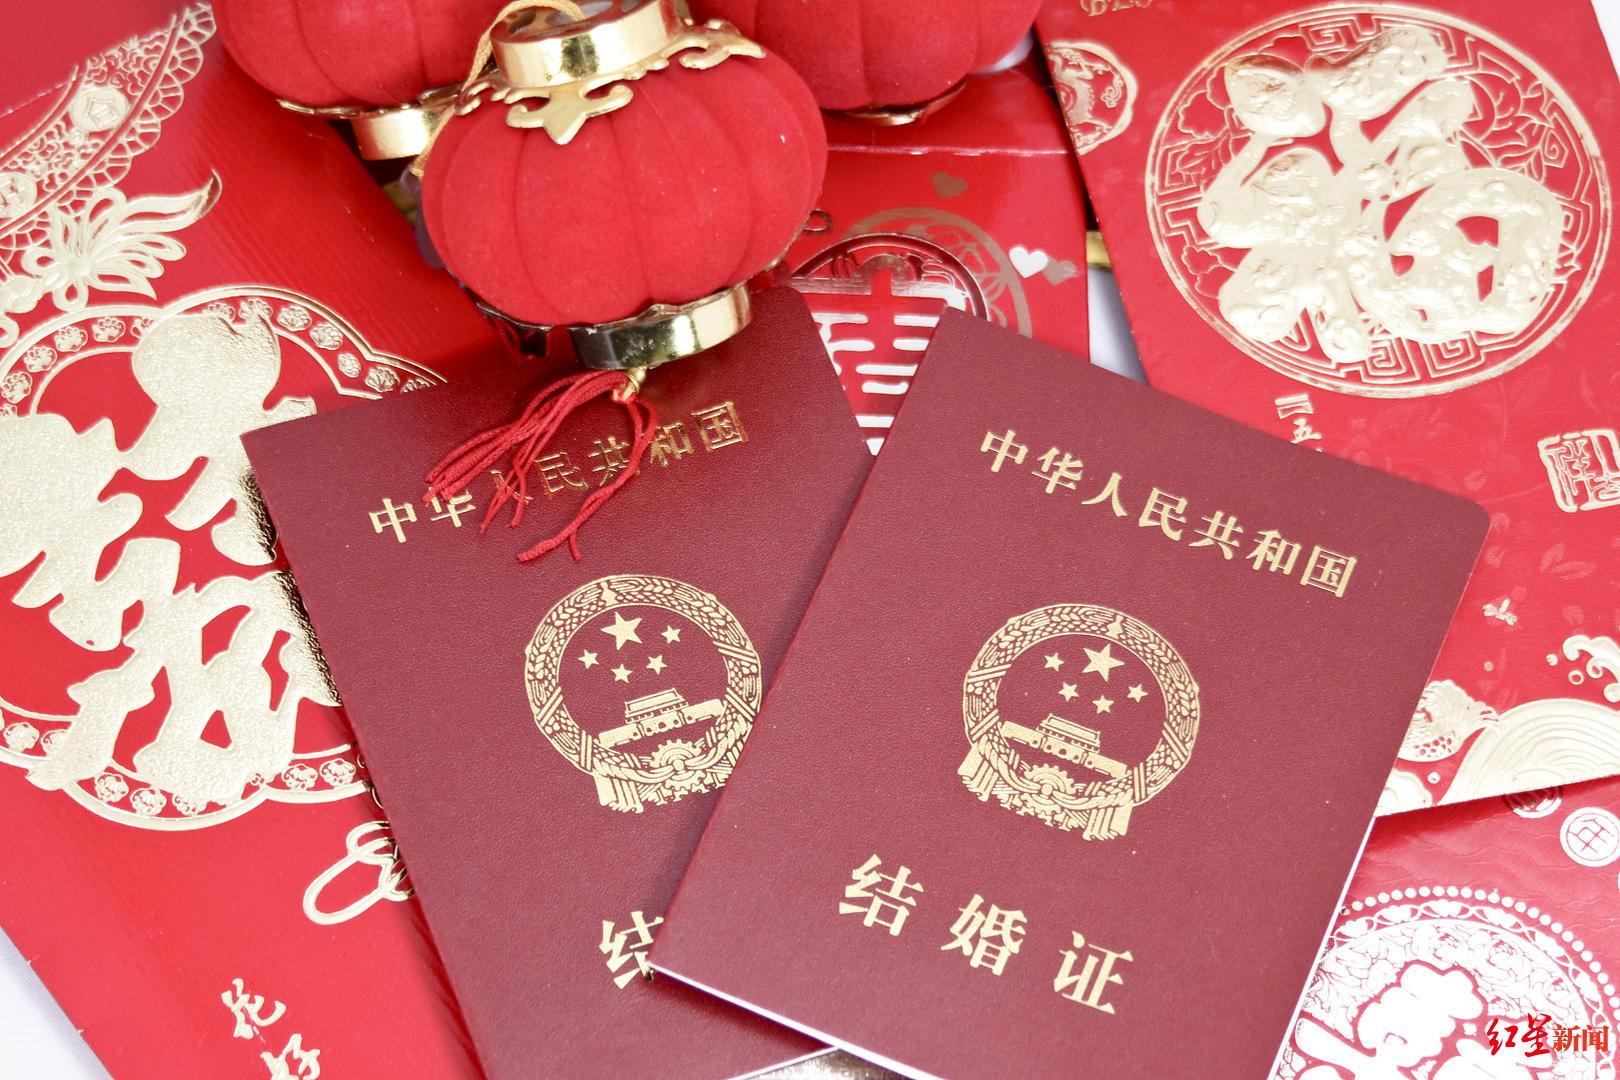 http://www.weixinrensheng.com/sifanghua/911732.html